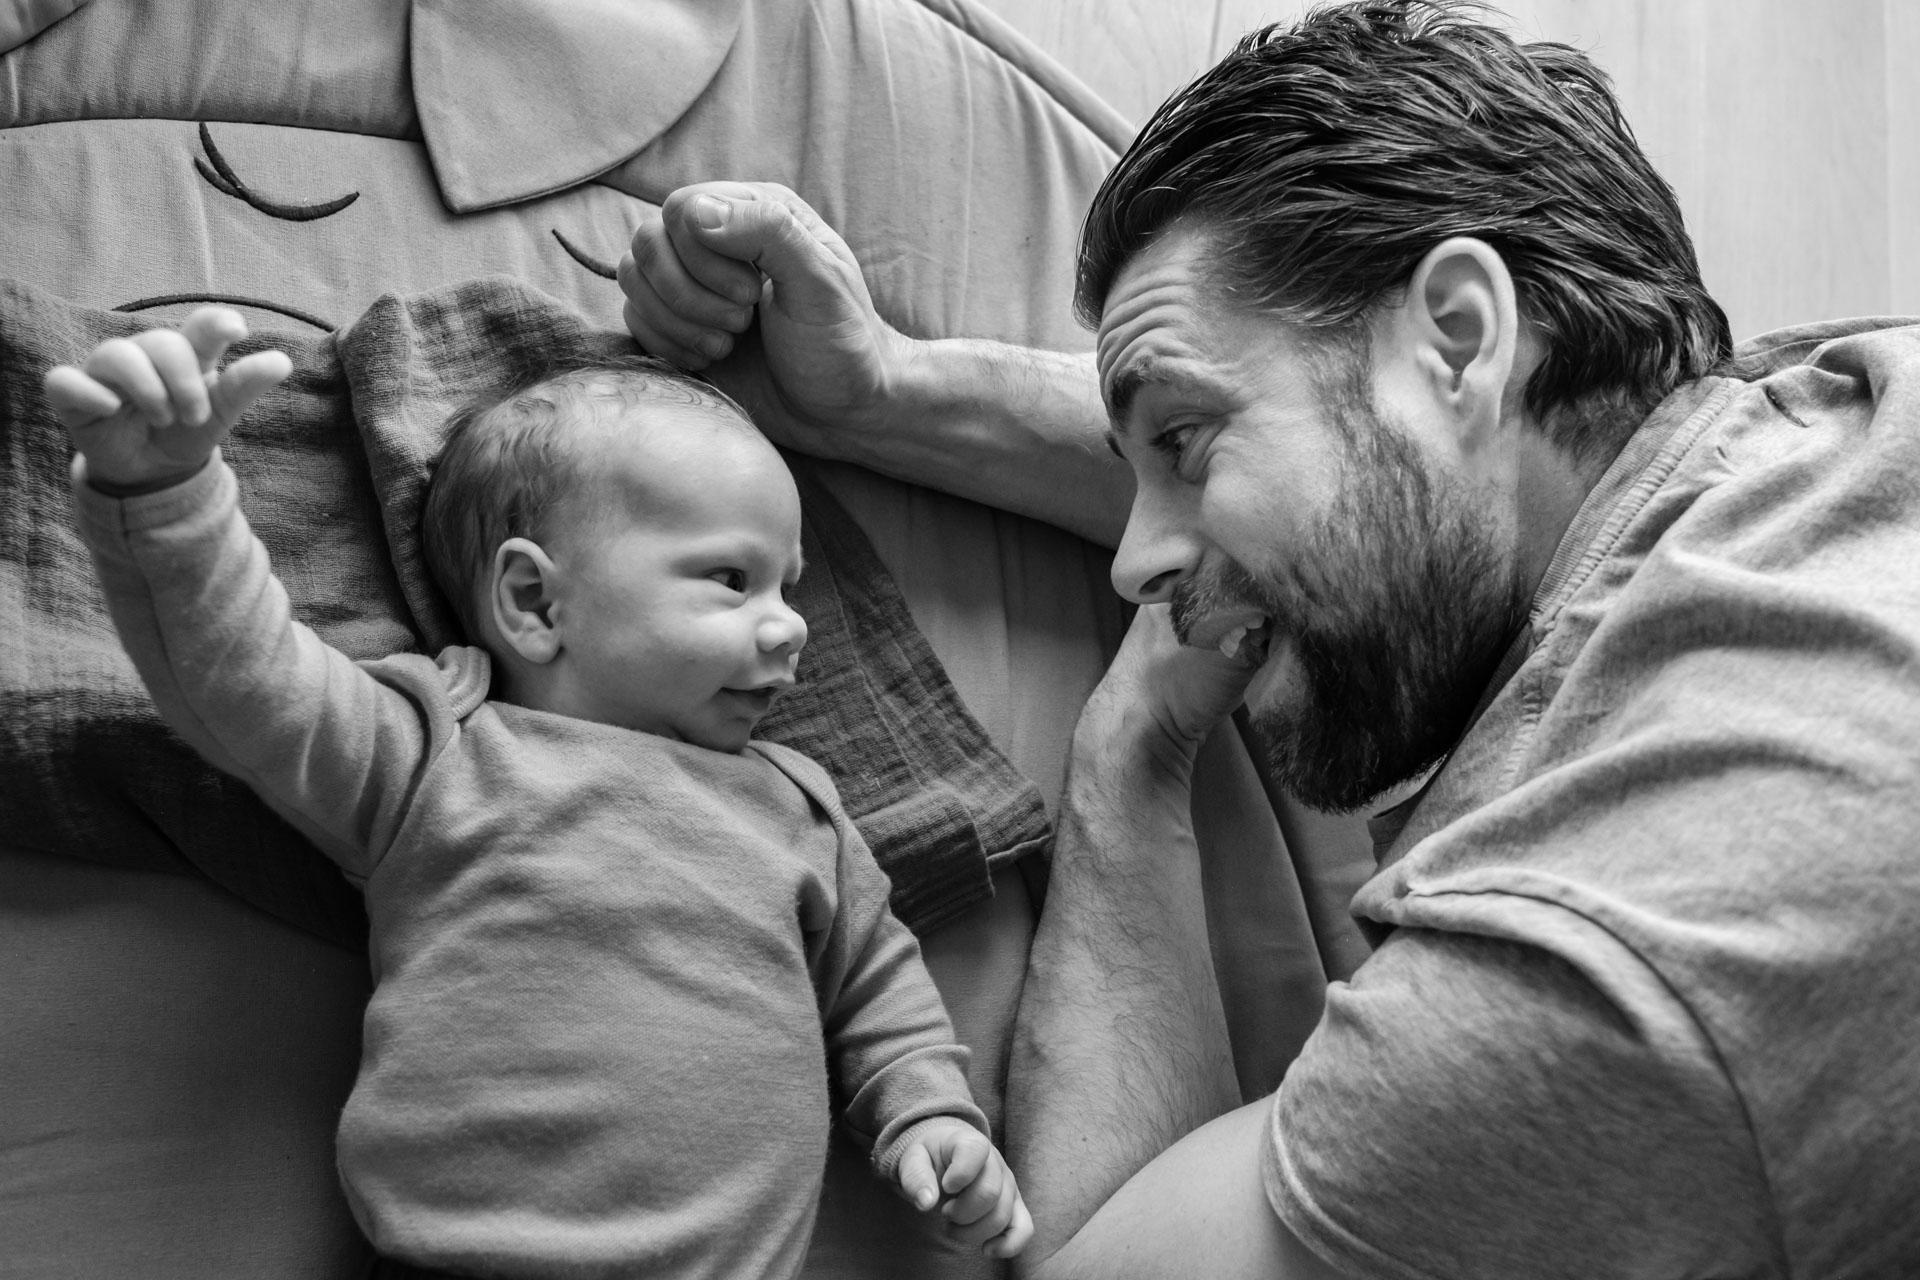 Far ligger på gulvet sammen med sin nyfødte sønn. De ser på hverandre, og vi kan ane et lite smil fra den lille babyen.